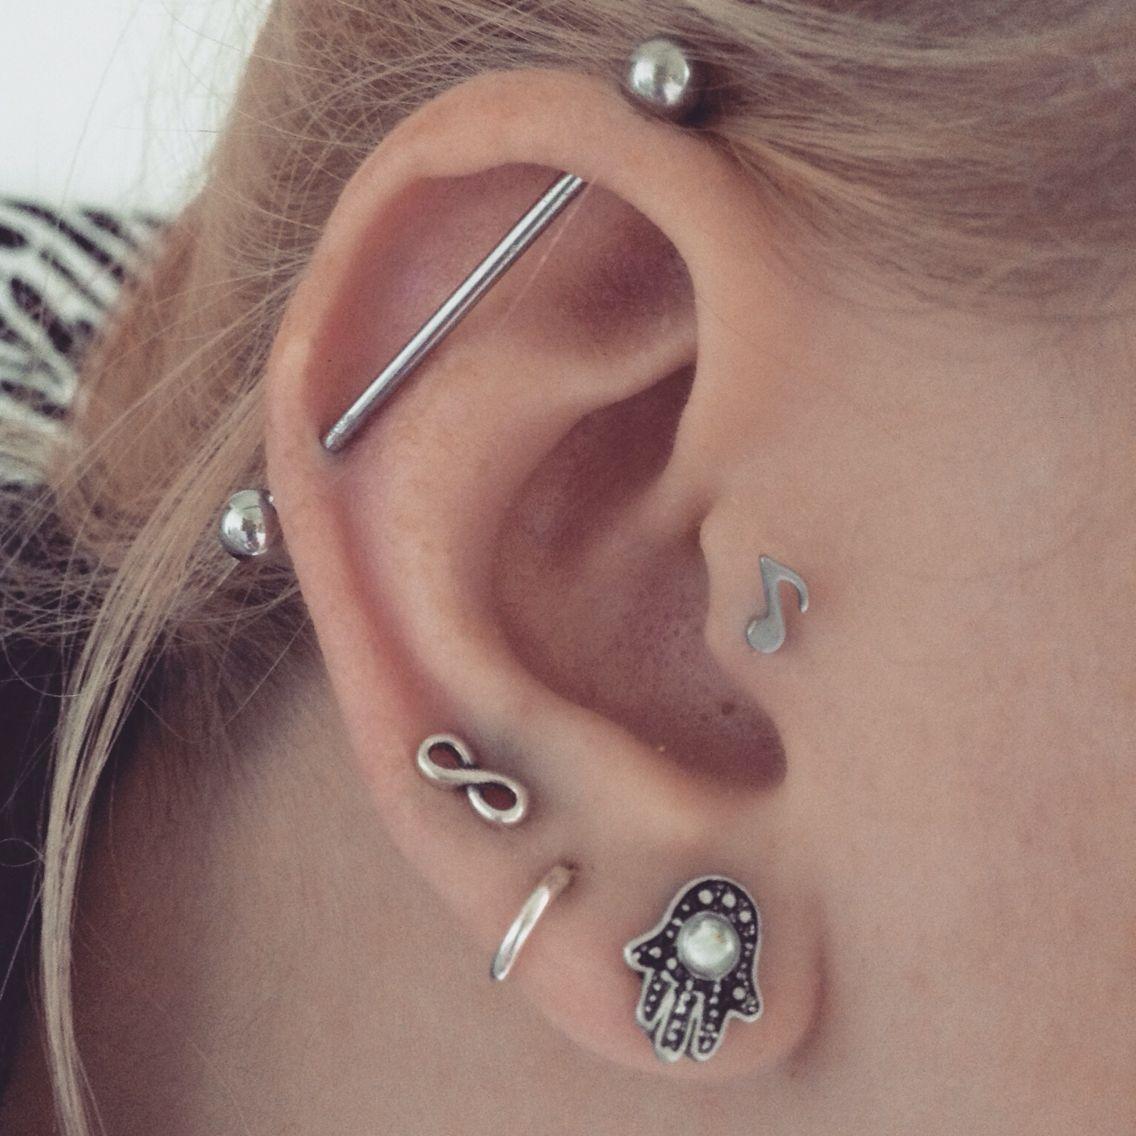 #industrial #tragus #piercings #earrings #infinity #hoop # ...